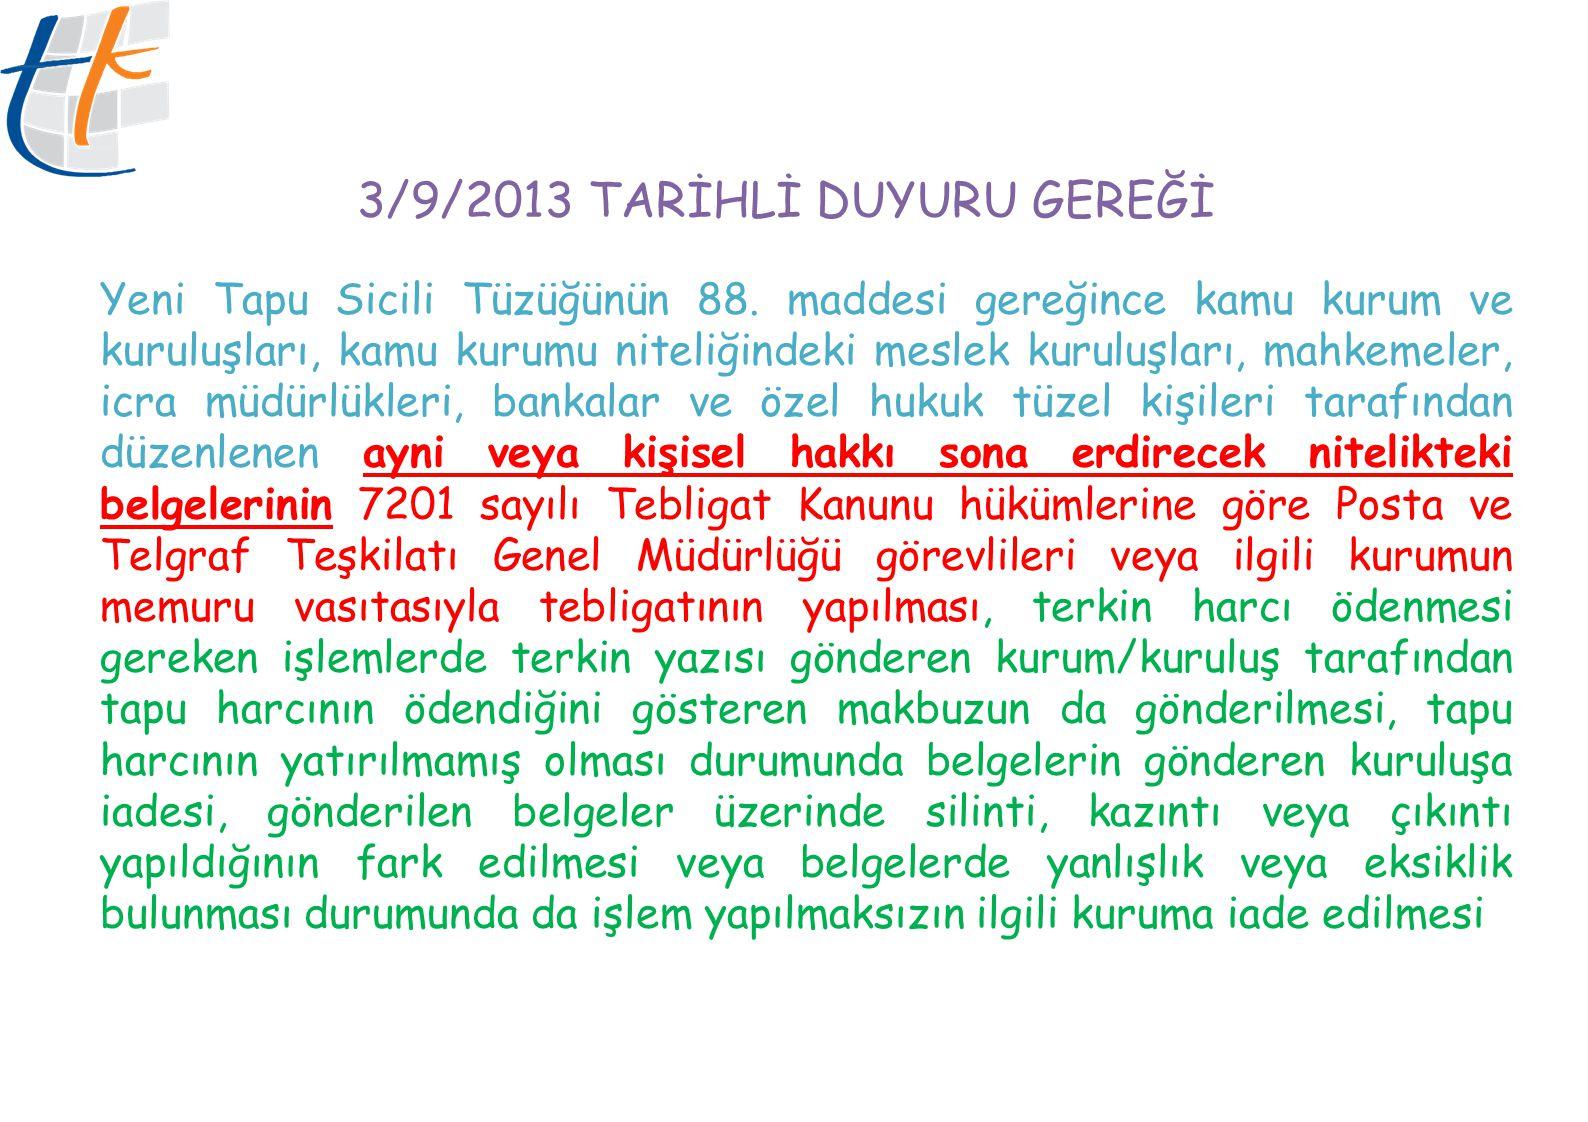 3/9/2013 TARİHLİ DUYURU GEREĞİ